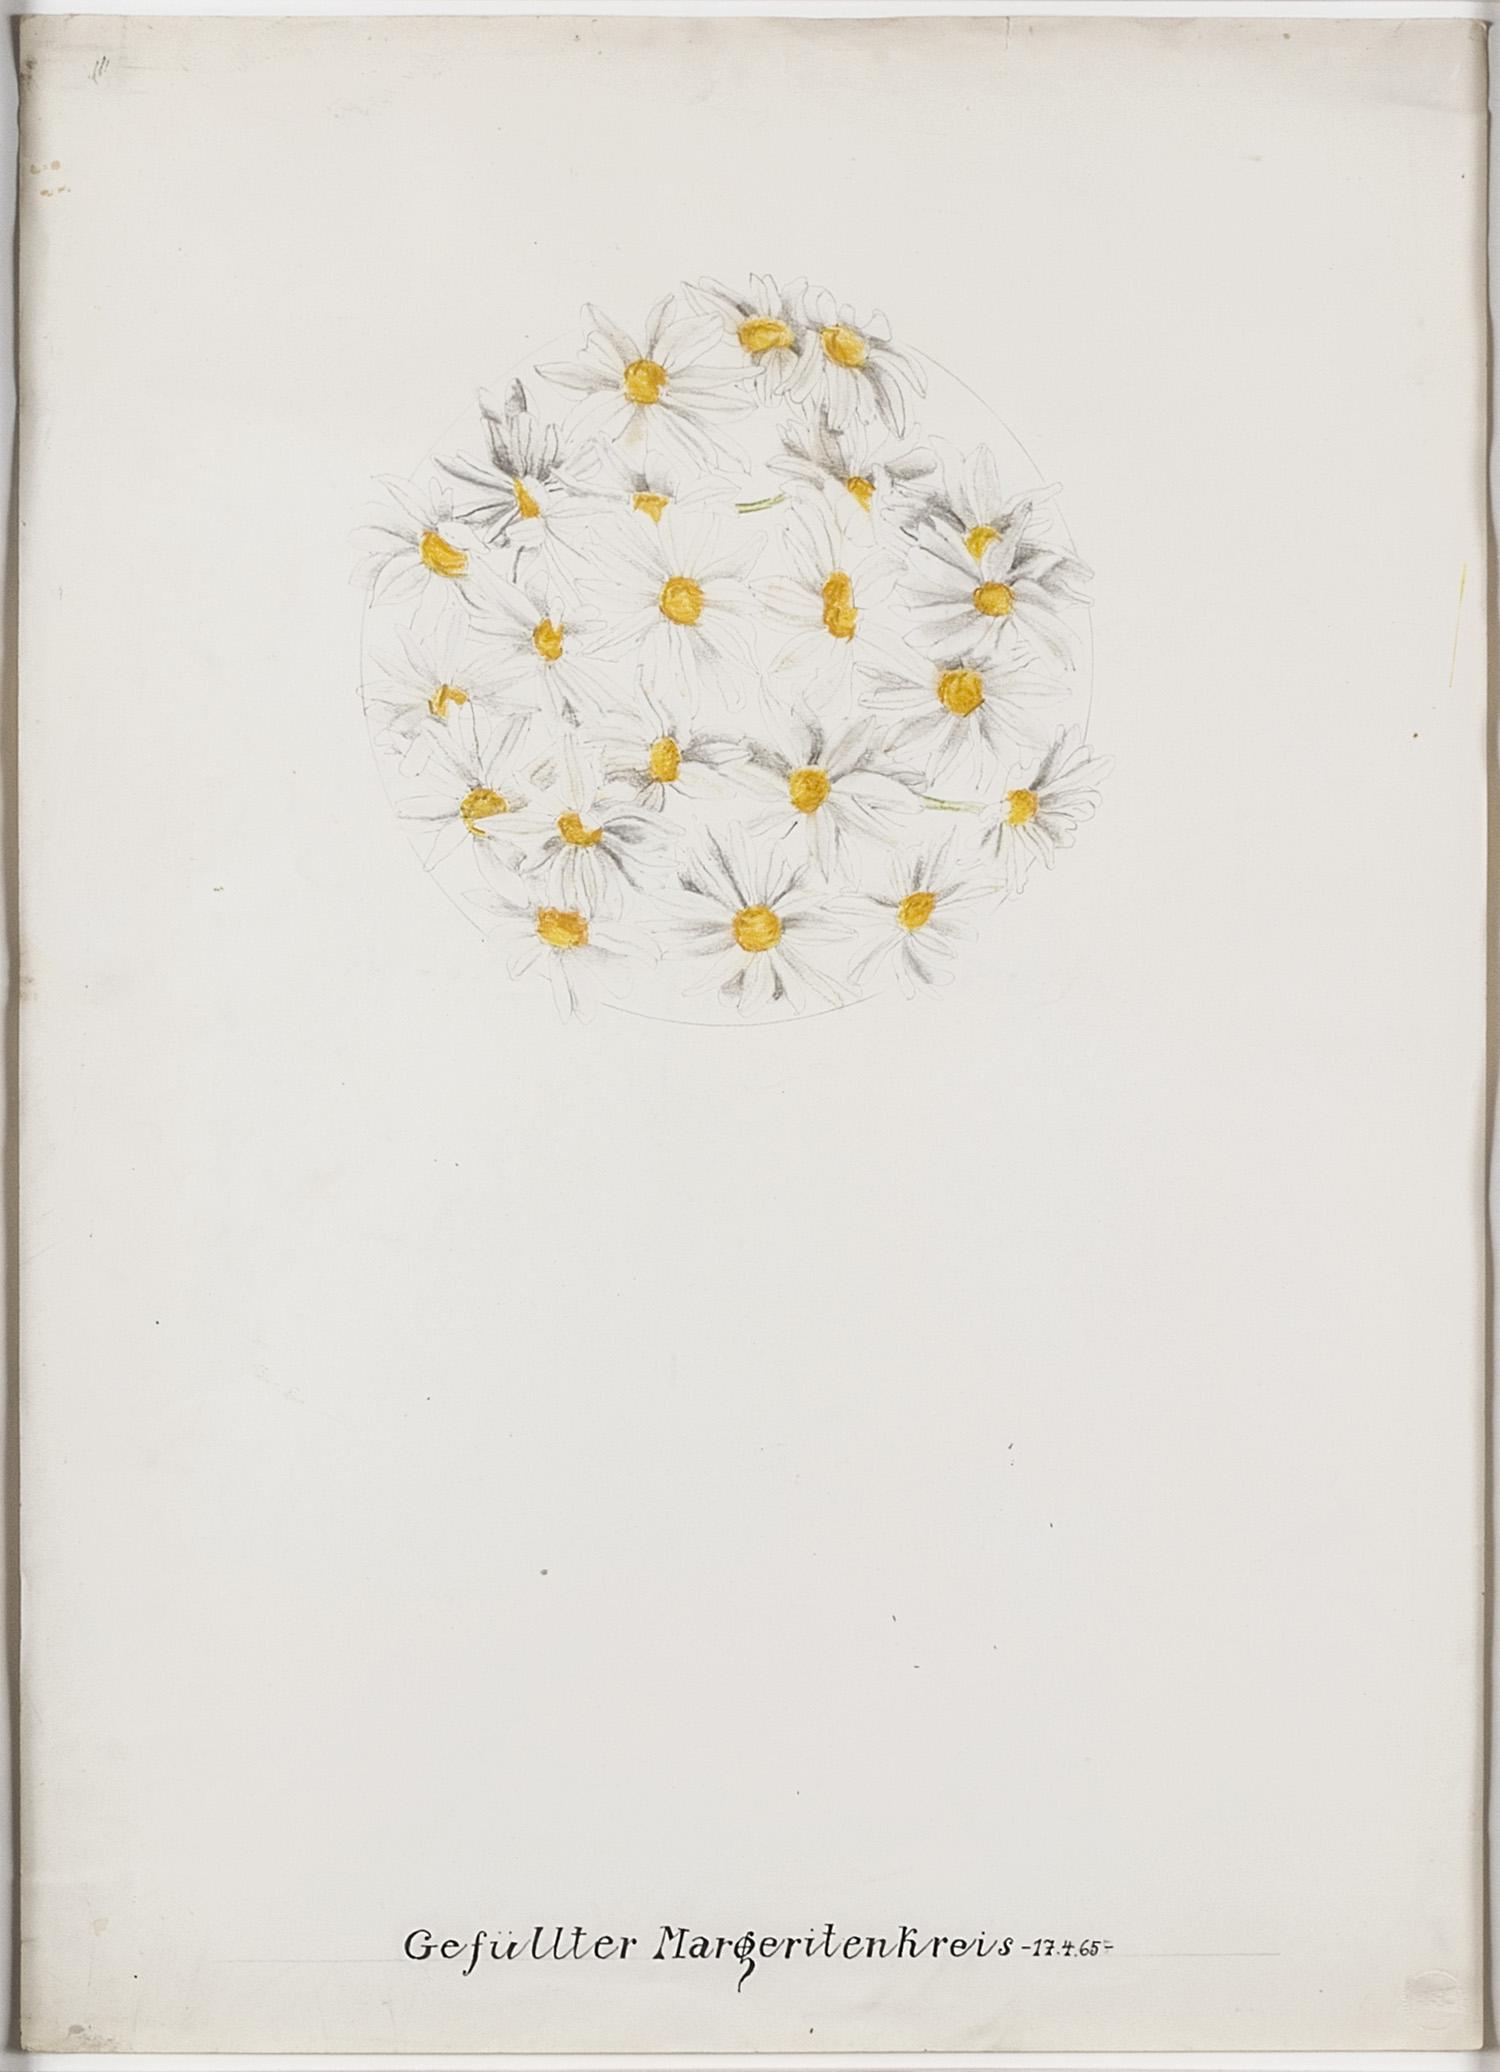 Gefüllter Margeritenkreis   1965   Bleistift und Tusche auf Karton   62 x 44,5 cm